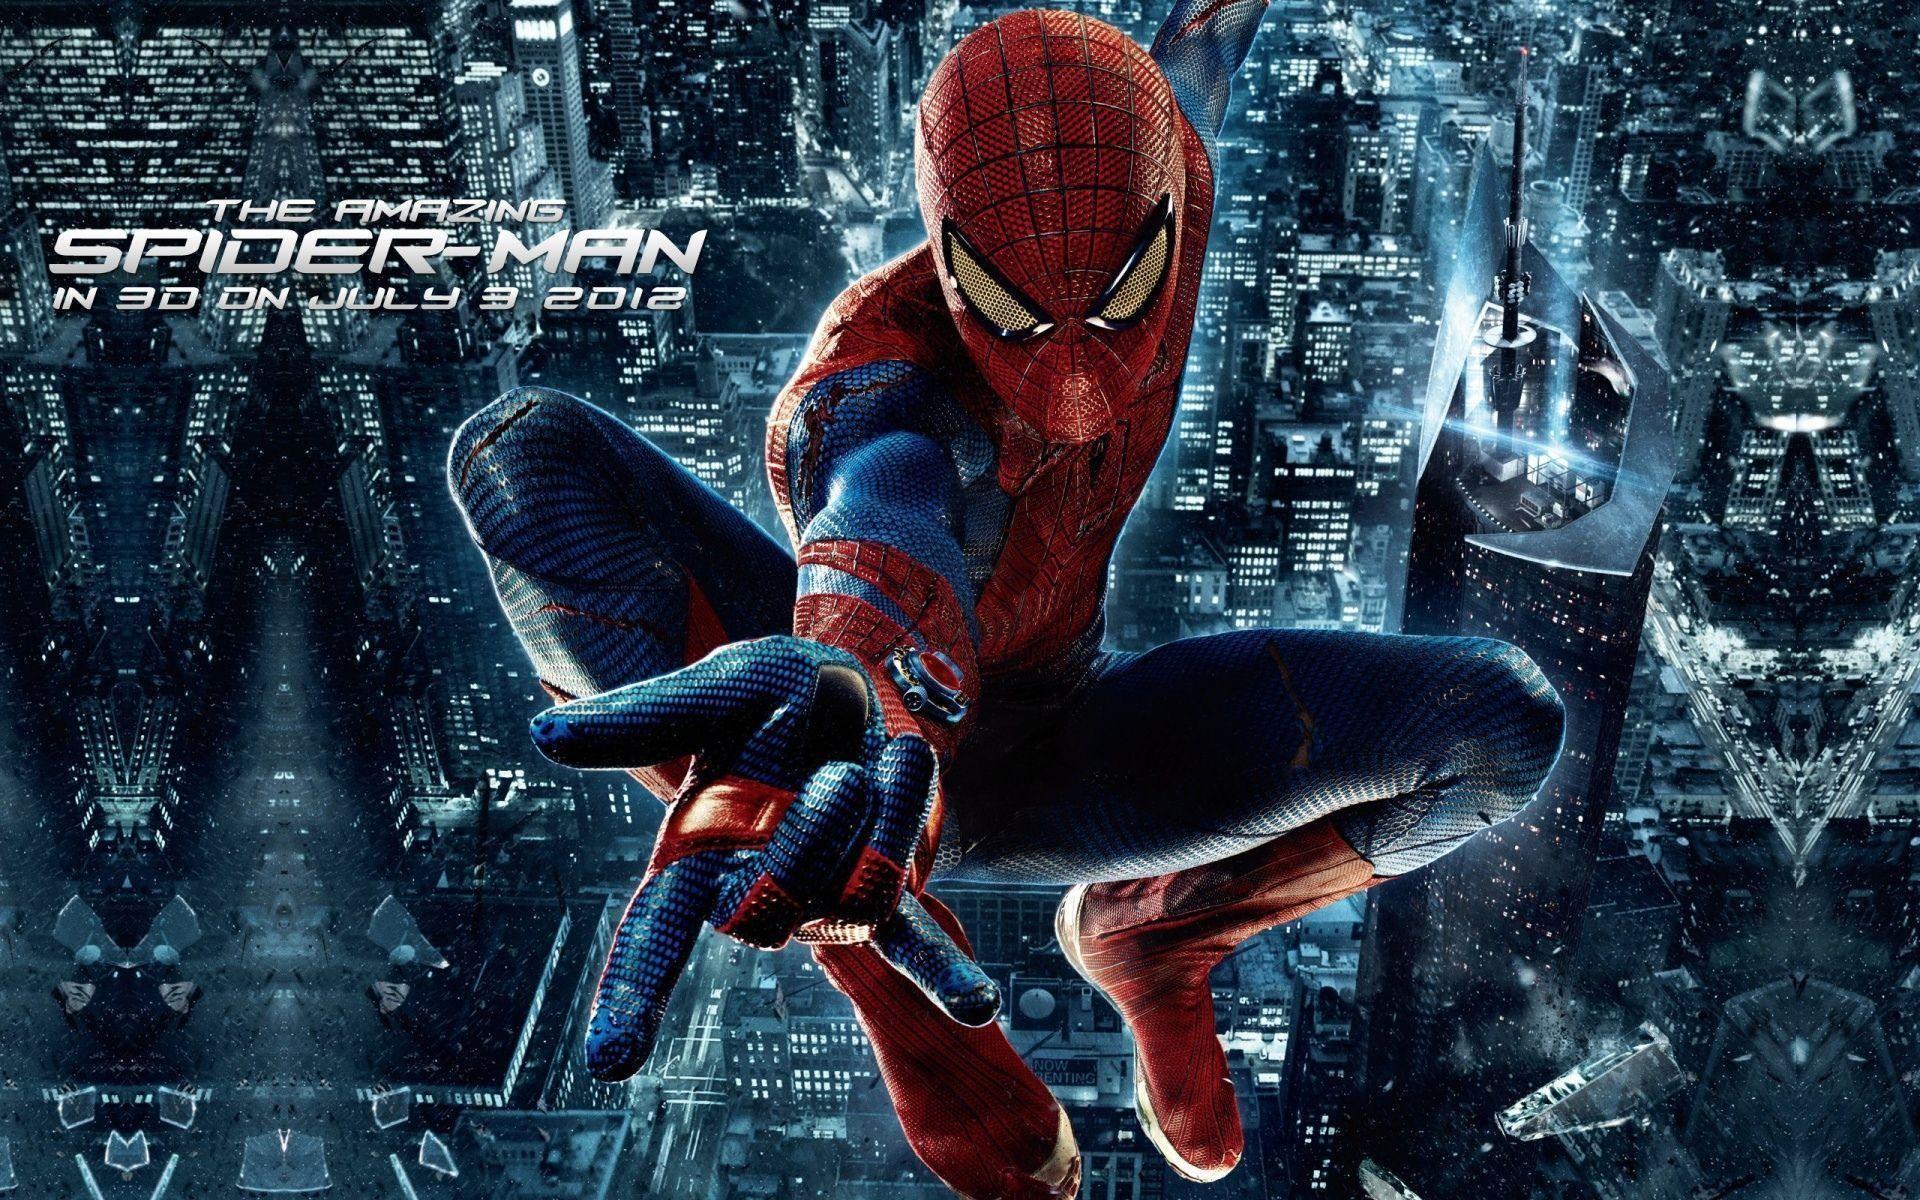 Spiderman Wallpaper Spiderman Pictures Spiderman Amazing Spiderman Movie